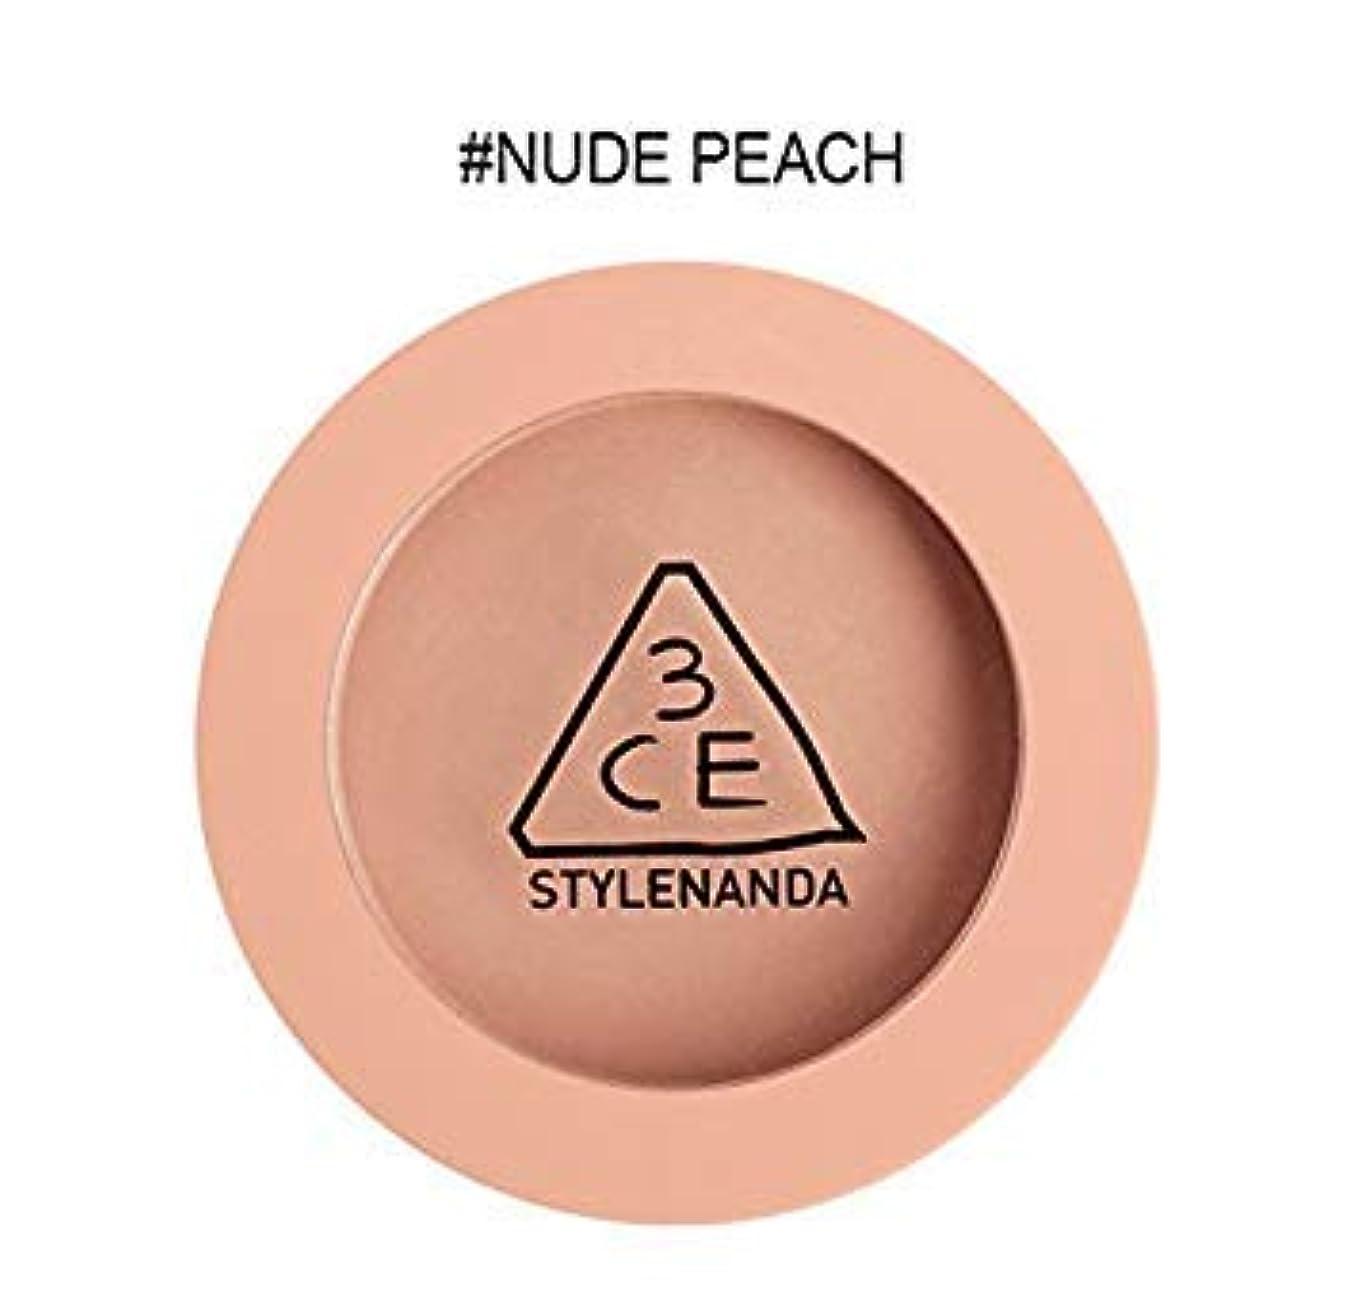 副詞アッティカス記憶に残る3CE ムードレシピ フェイス ブラッシュ (チーク) / Mood Recipe Face Blush (ヌードピーチ(Nude Peach)) [並行輸入品]